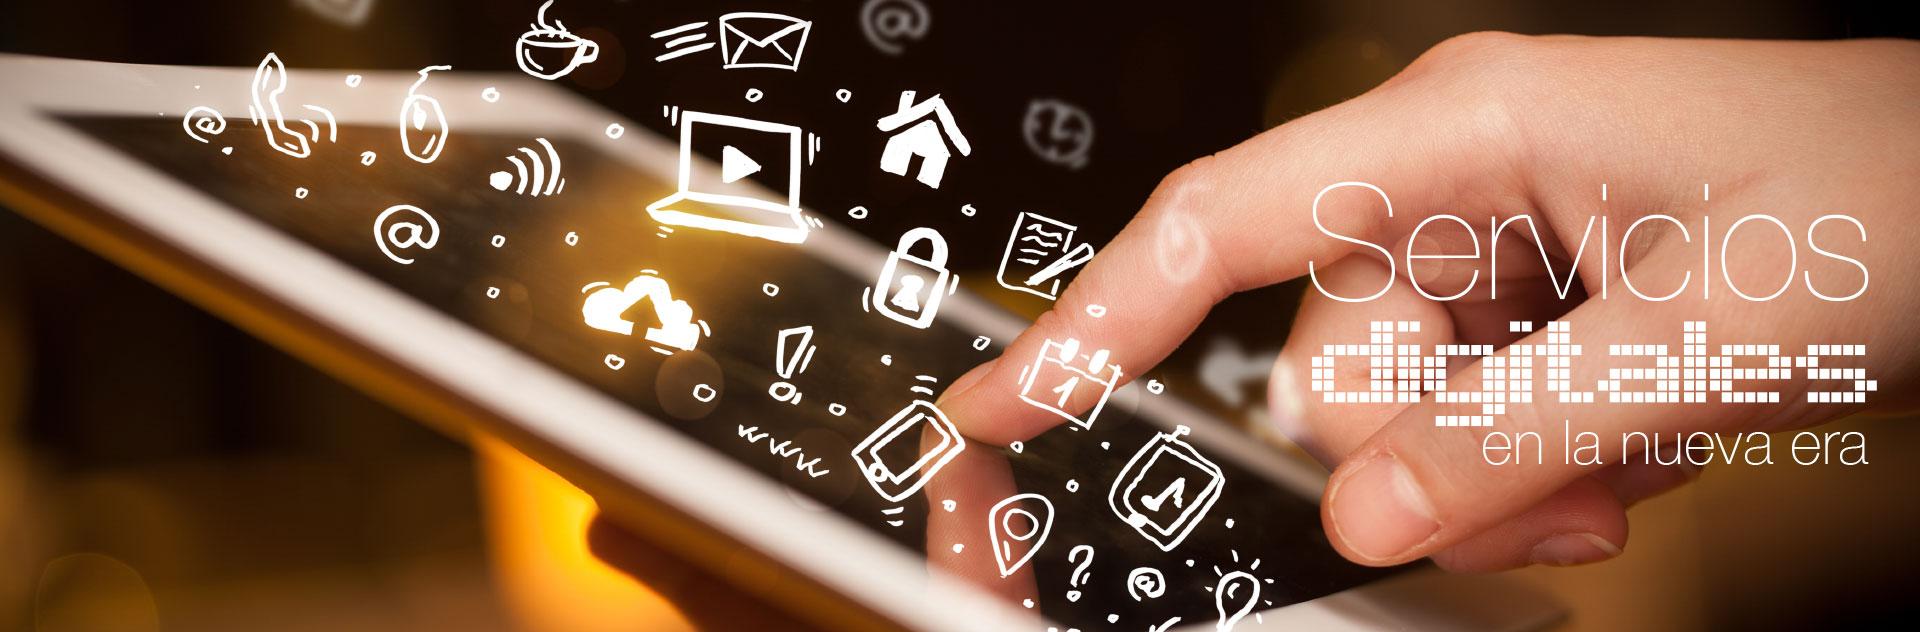 Servicios-Digitales